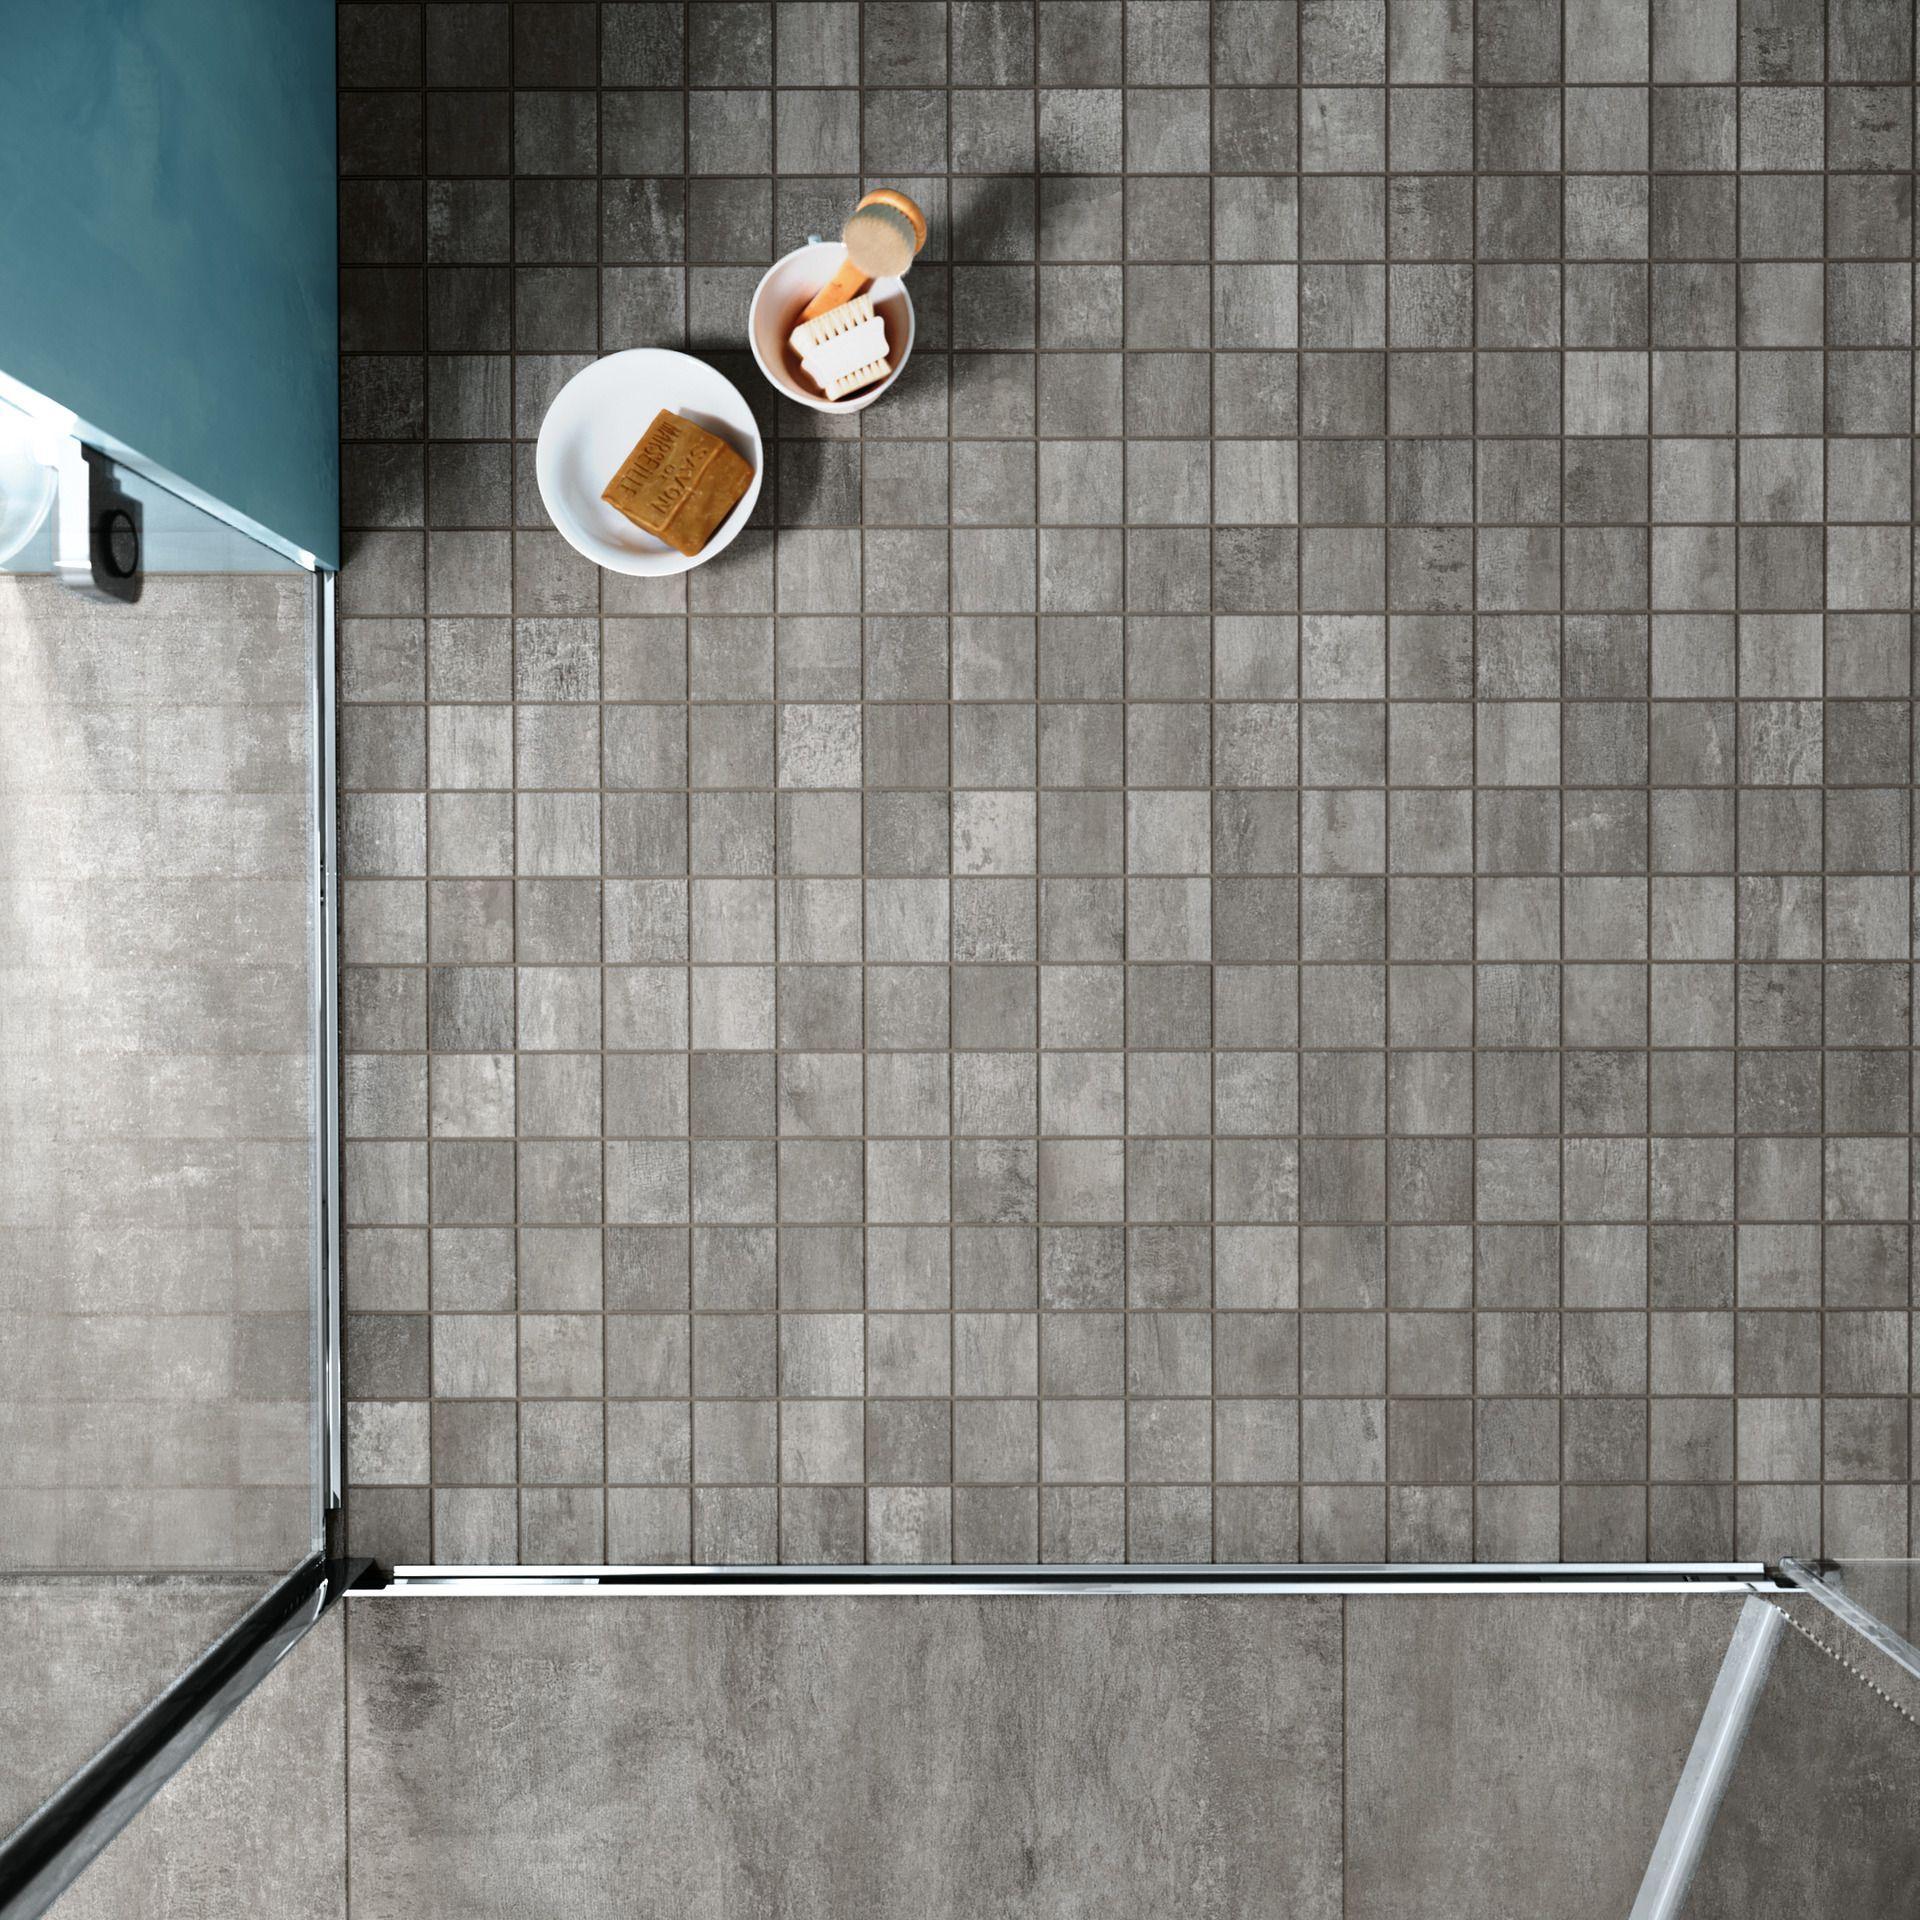 Trittsicher Pflegeleicht Und Schon Dusche Badezimmer Fliese Grau Steinoptik Barrierefrei Bodengleich Bad Interieur Badezimm In 2020 Mosaic Stoneware Shower